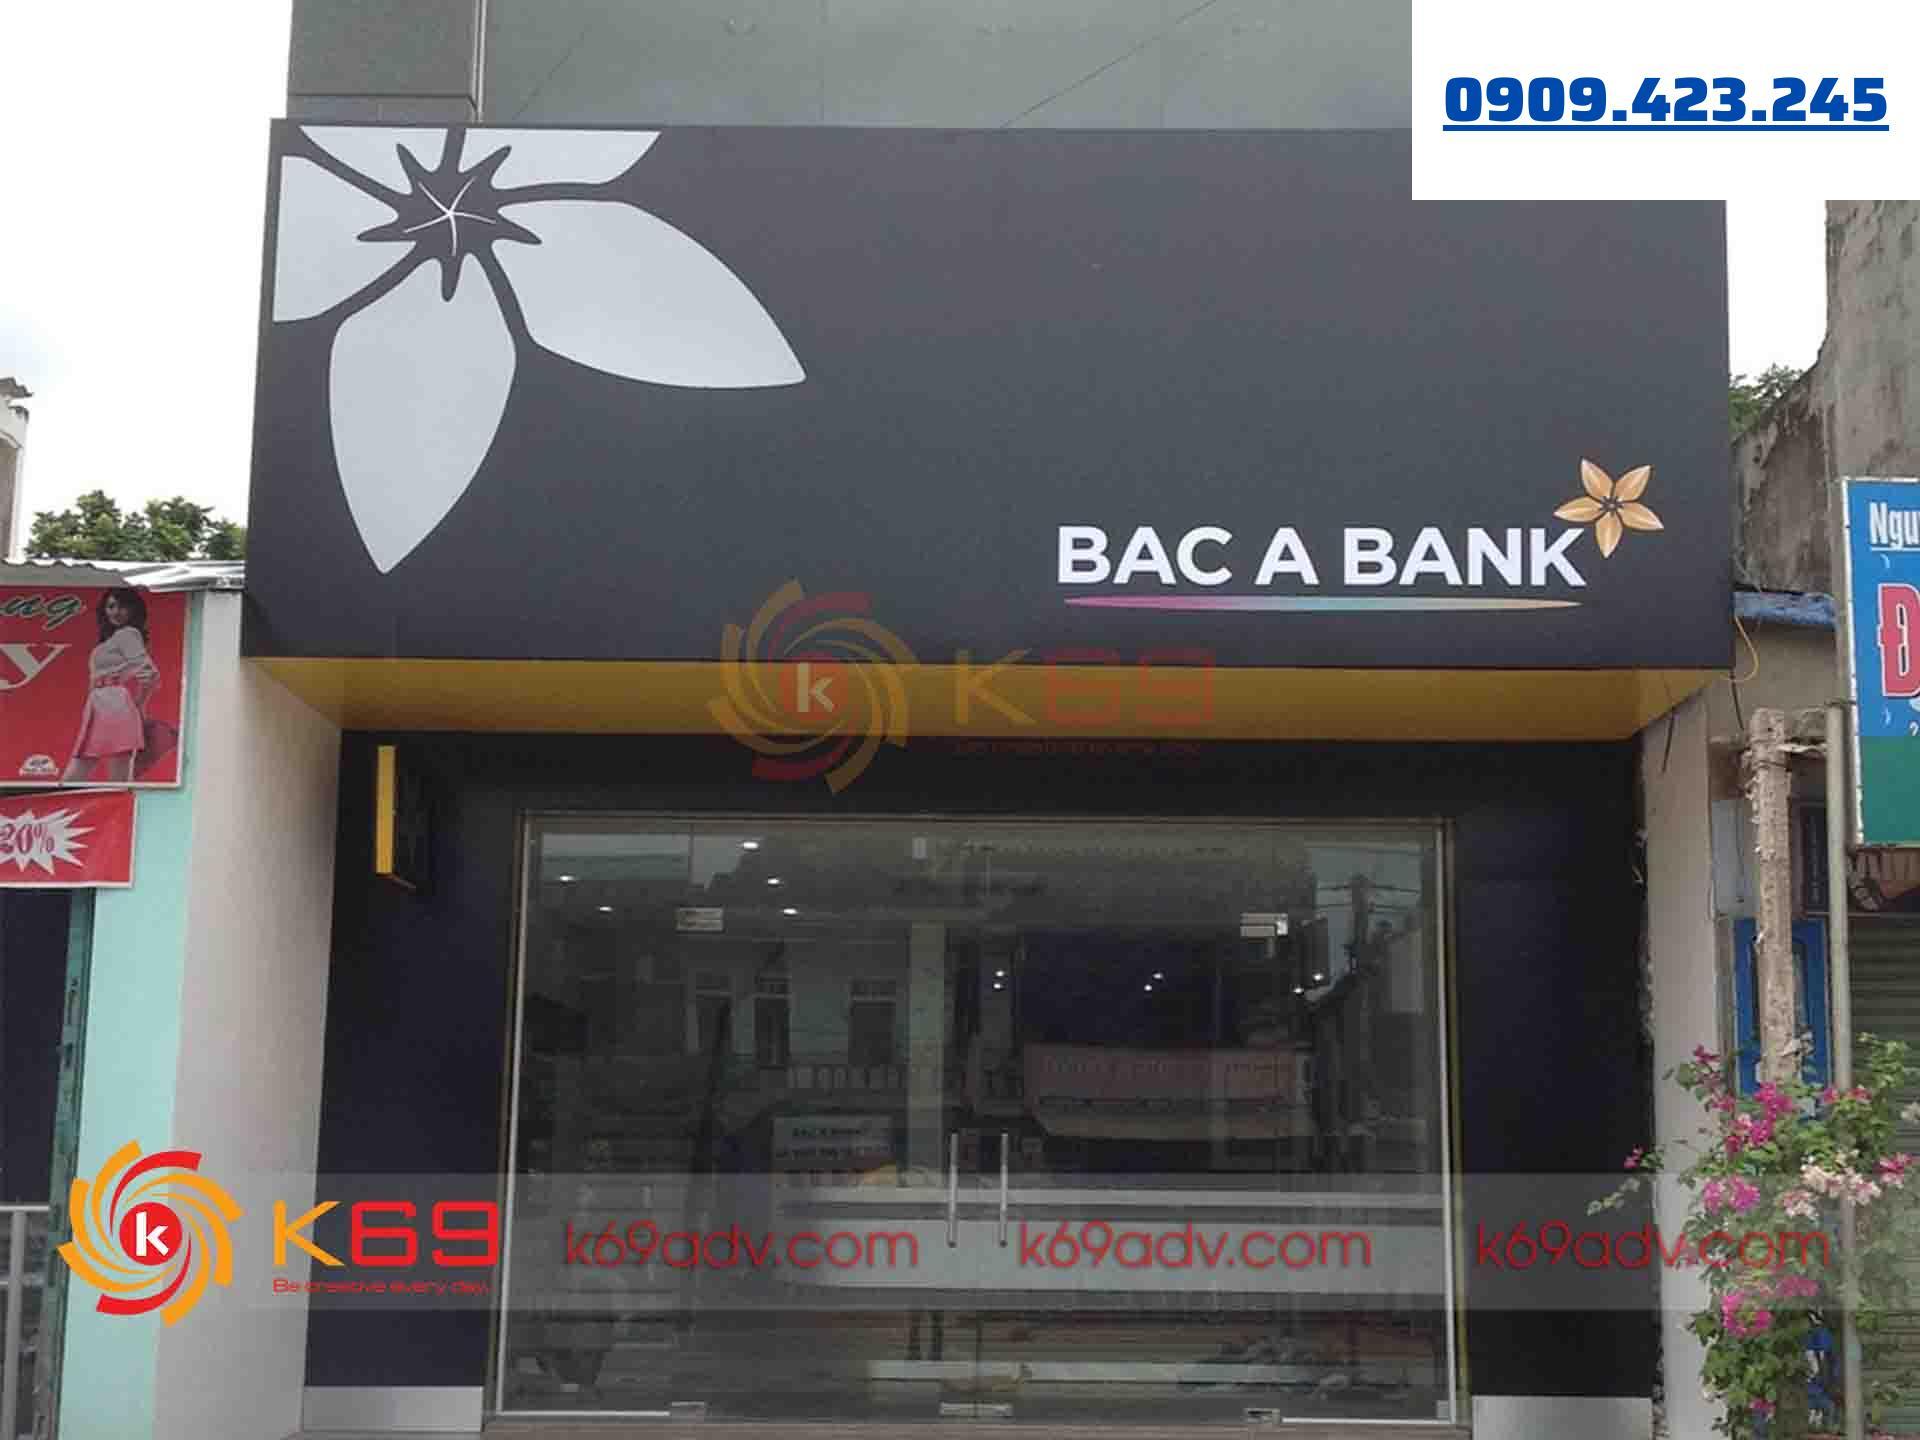 Mẫu bảng hiệu Alu cho ngân hàng Bắc Á thi công bởi K69ADV